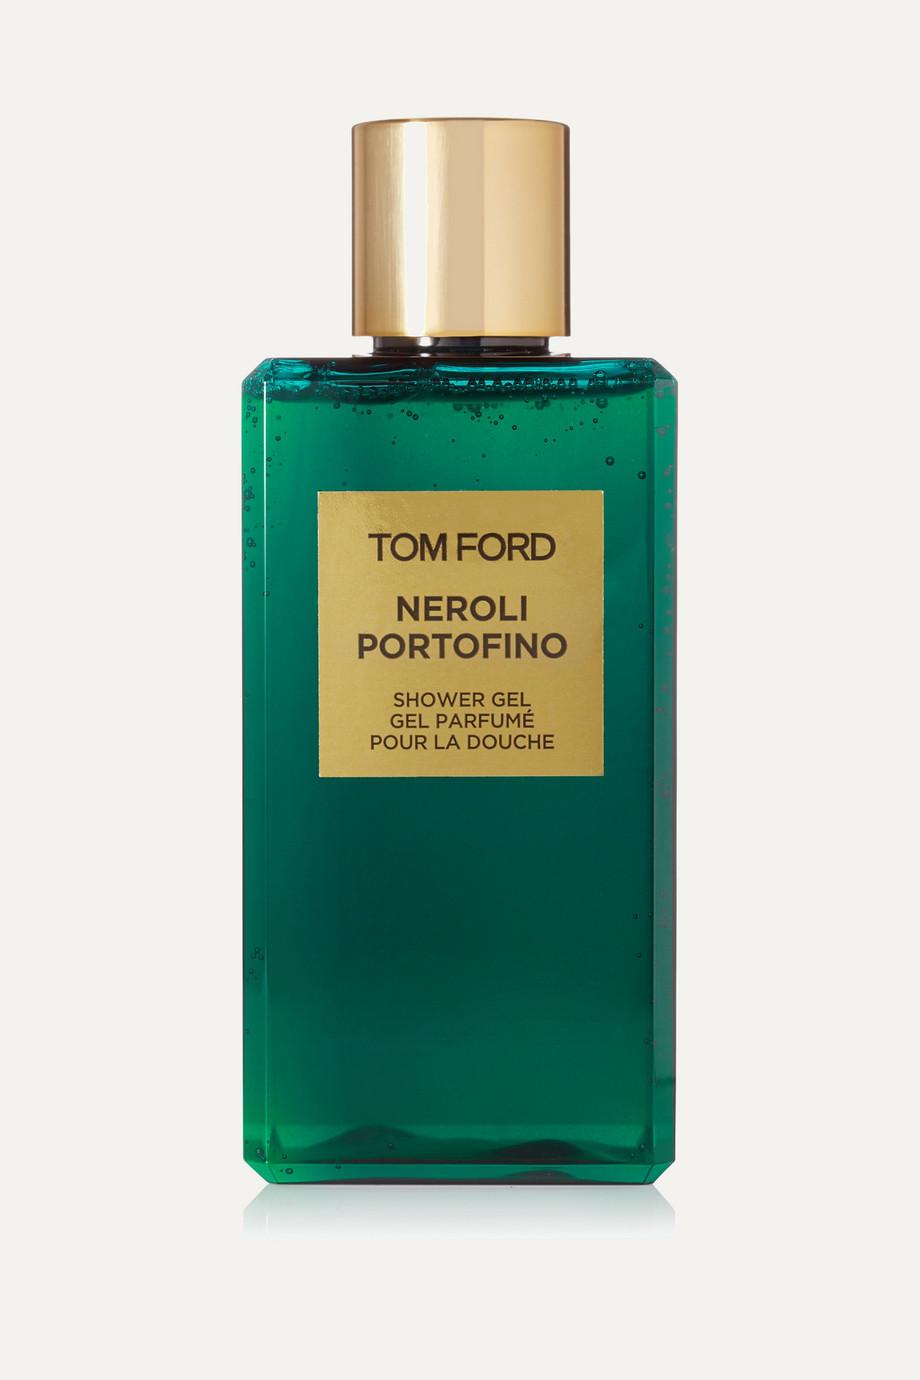 TOM FORD BEAUTY Neroli Portofino Shower Gel, 250ml